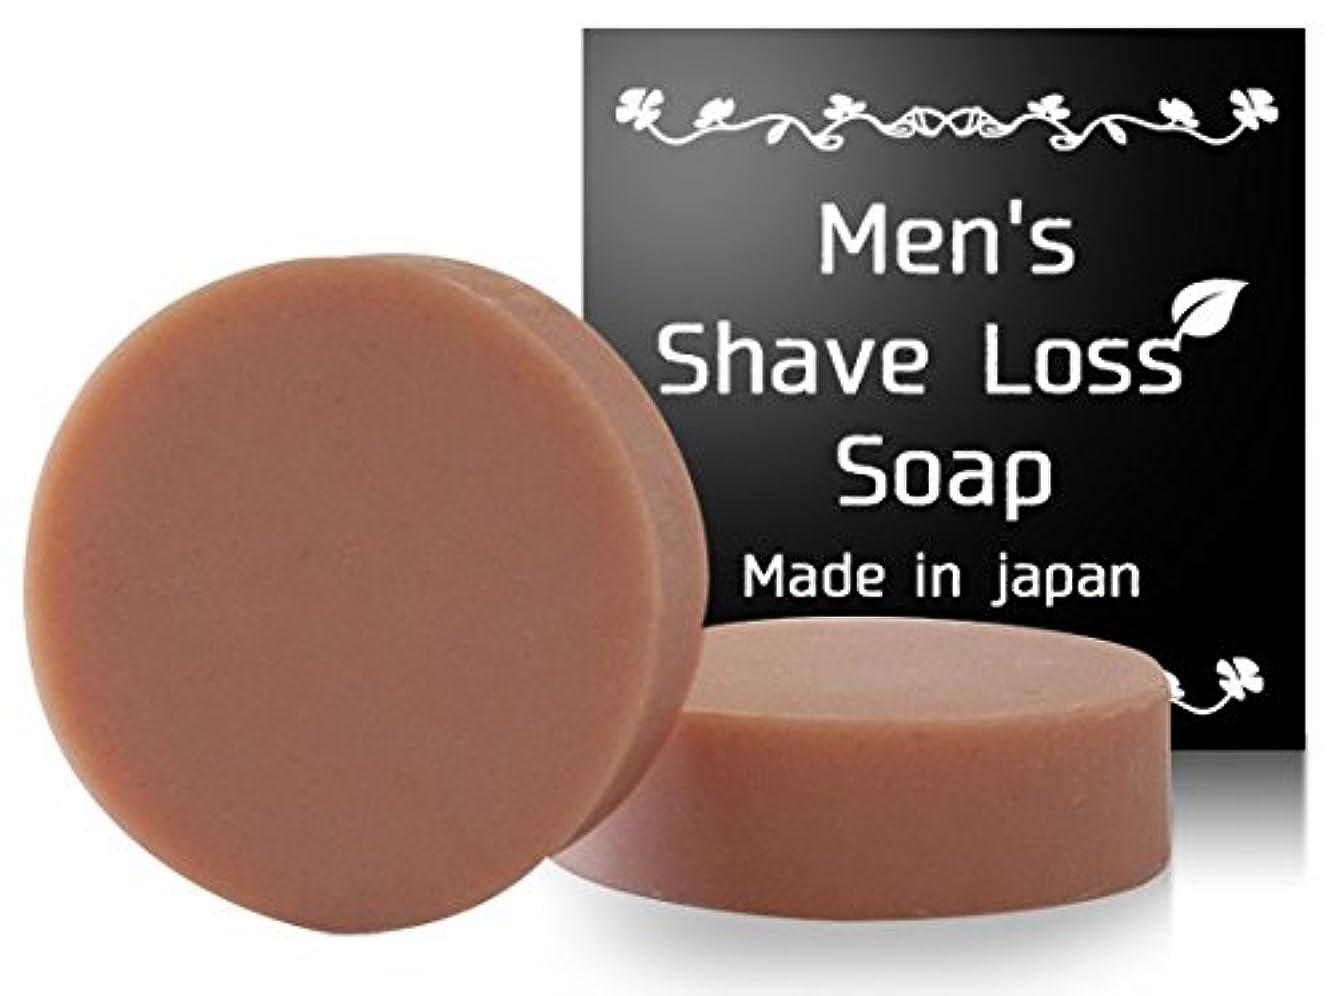 軍艦廊下隠すMens Shave Loss Soap シェーブロス 剛毛は嫌!ツルツル過ぎも嫌! そんな夢を叶えた奇跡の石鹸! 【男性専用】(1個)